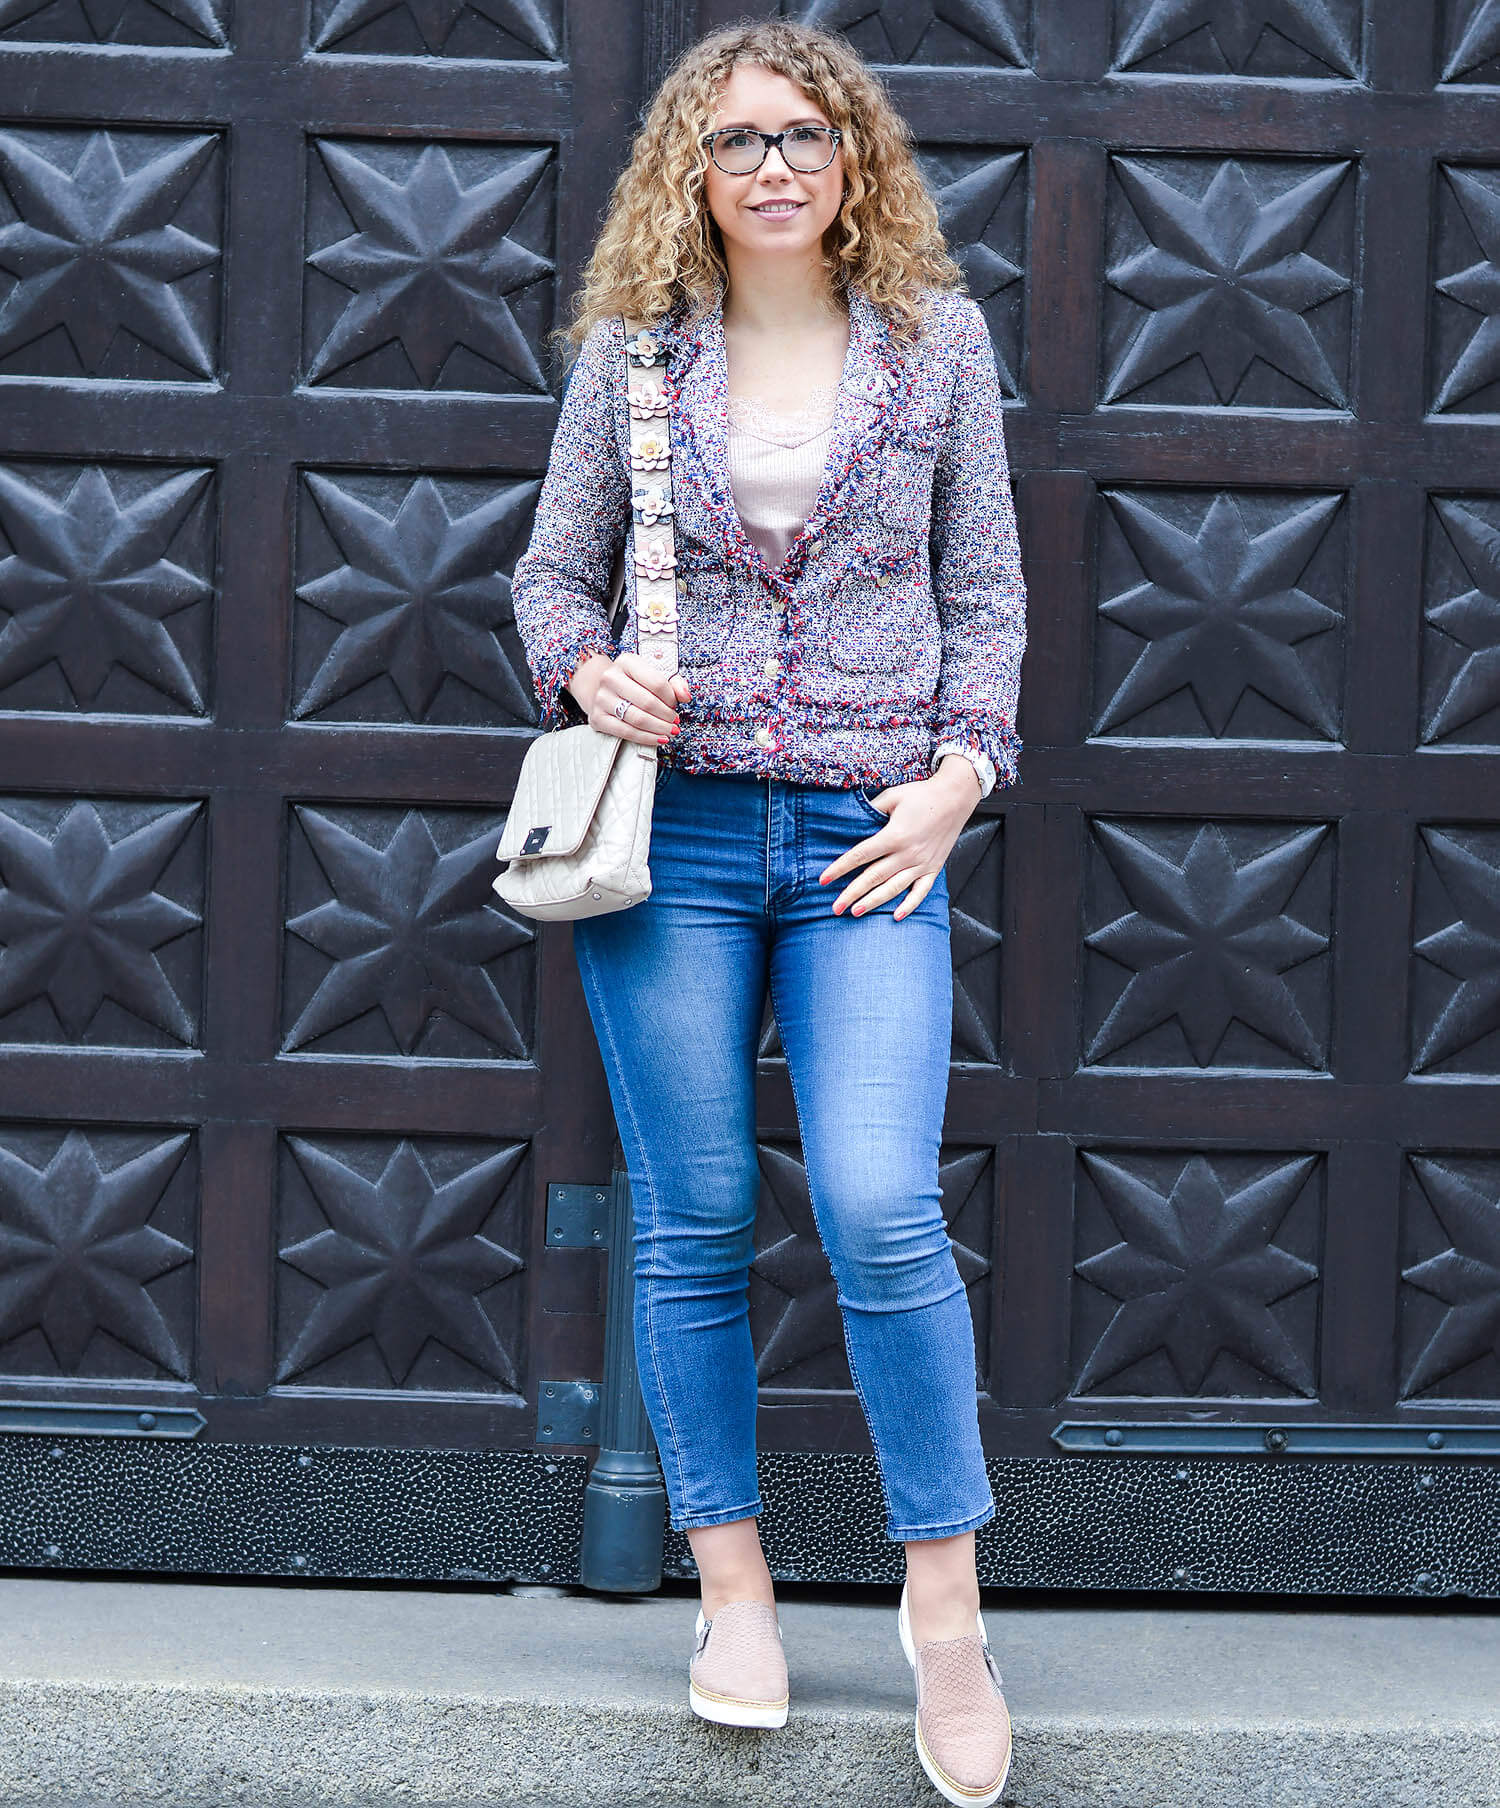 Kationette-fashionblog-nrw-Outfit-Zara-chanel-Tweed-Blazer-Hallhuber-Shoulder-Strap-streetstyle